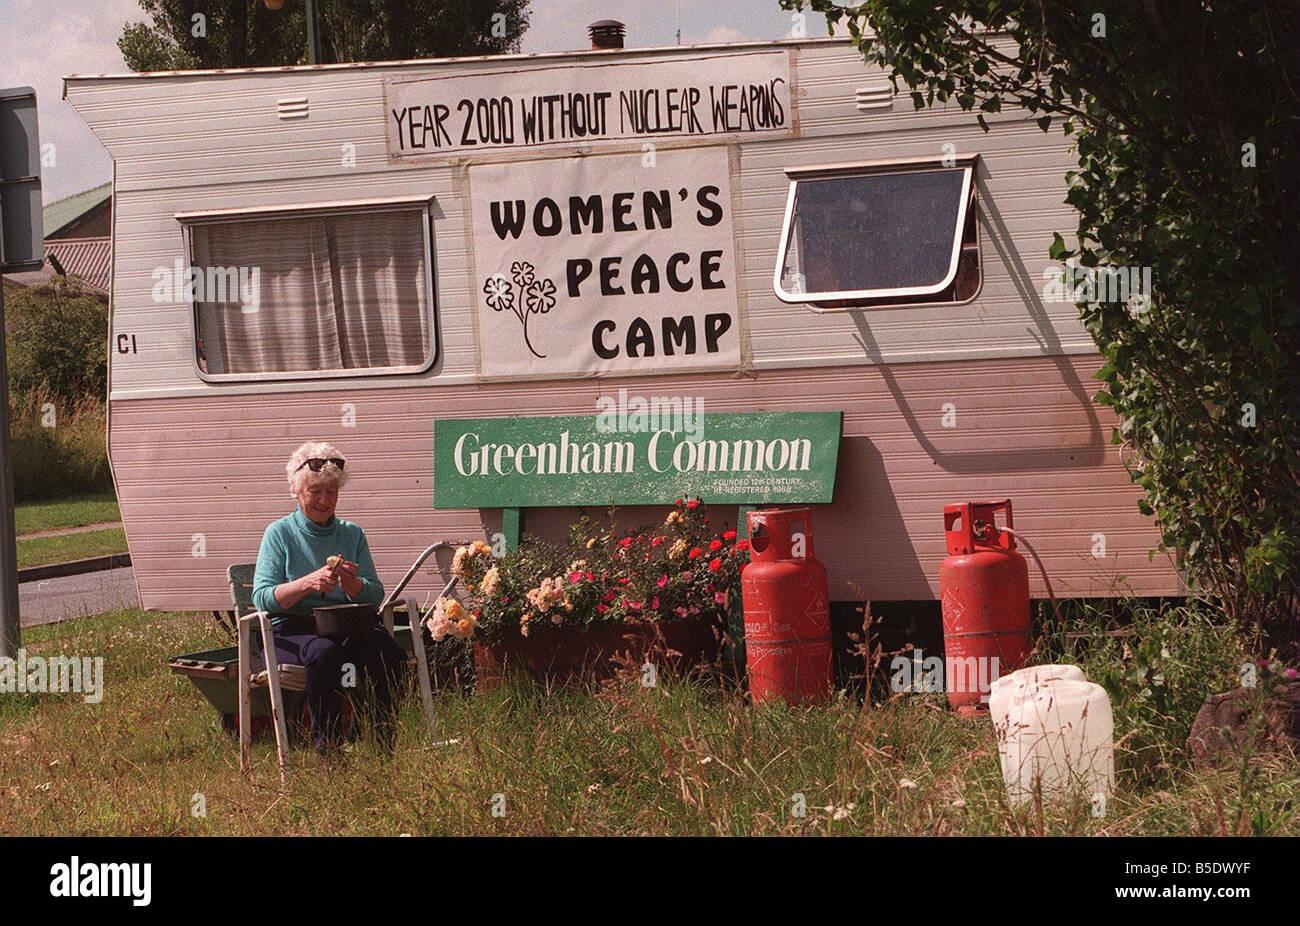 Il restante Greenham Common donna manifestanti Penny prepara la cena al di fuori del suo caravan di pelatura di Immagini Stock